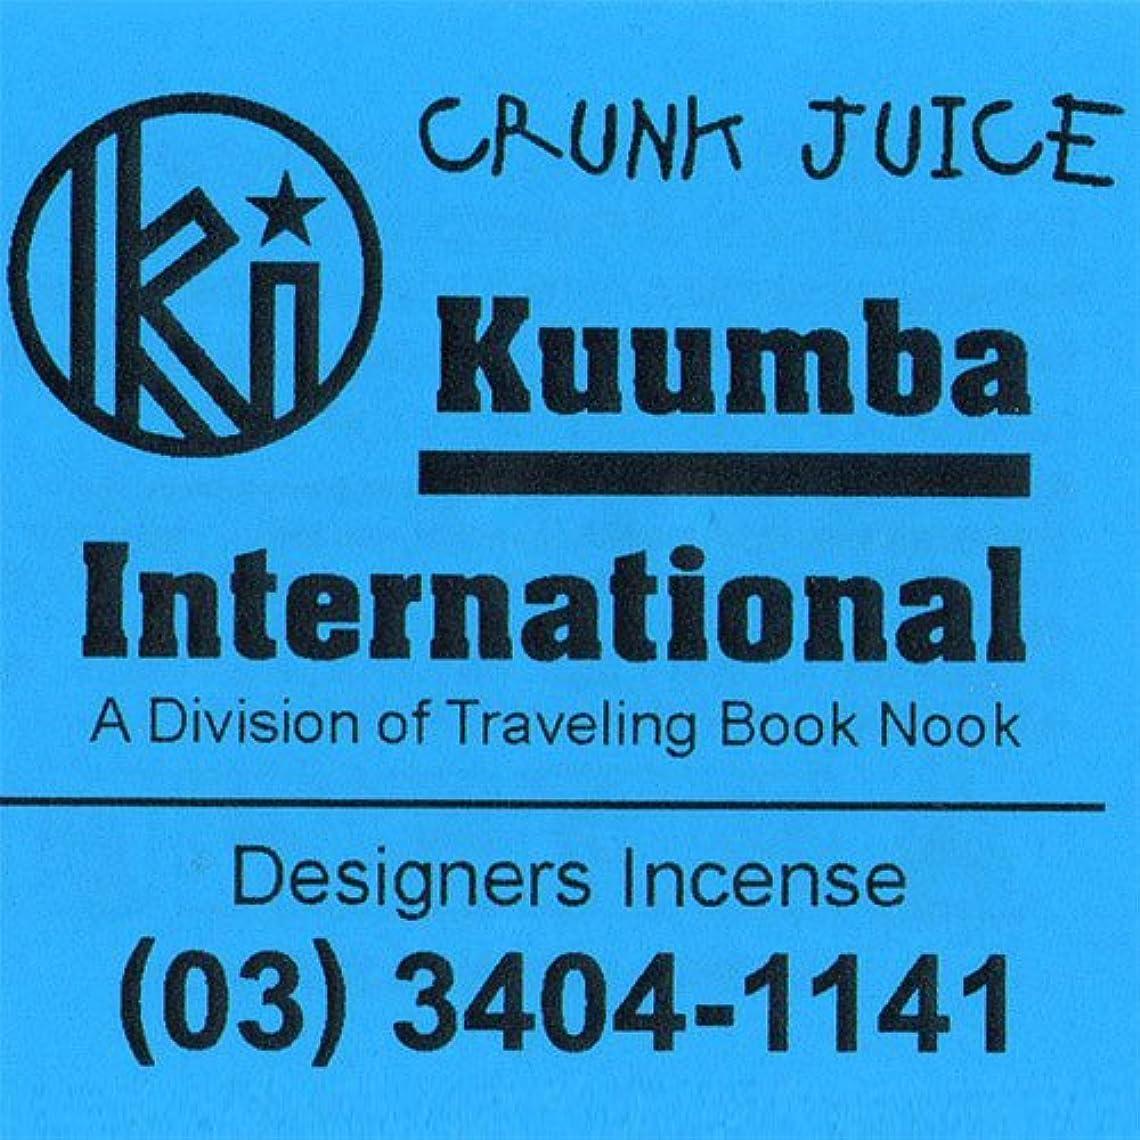 指標困惑する摩擦KUUMBA / クンバ『incense』(CRUNK JUICE) (Regular size)